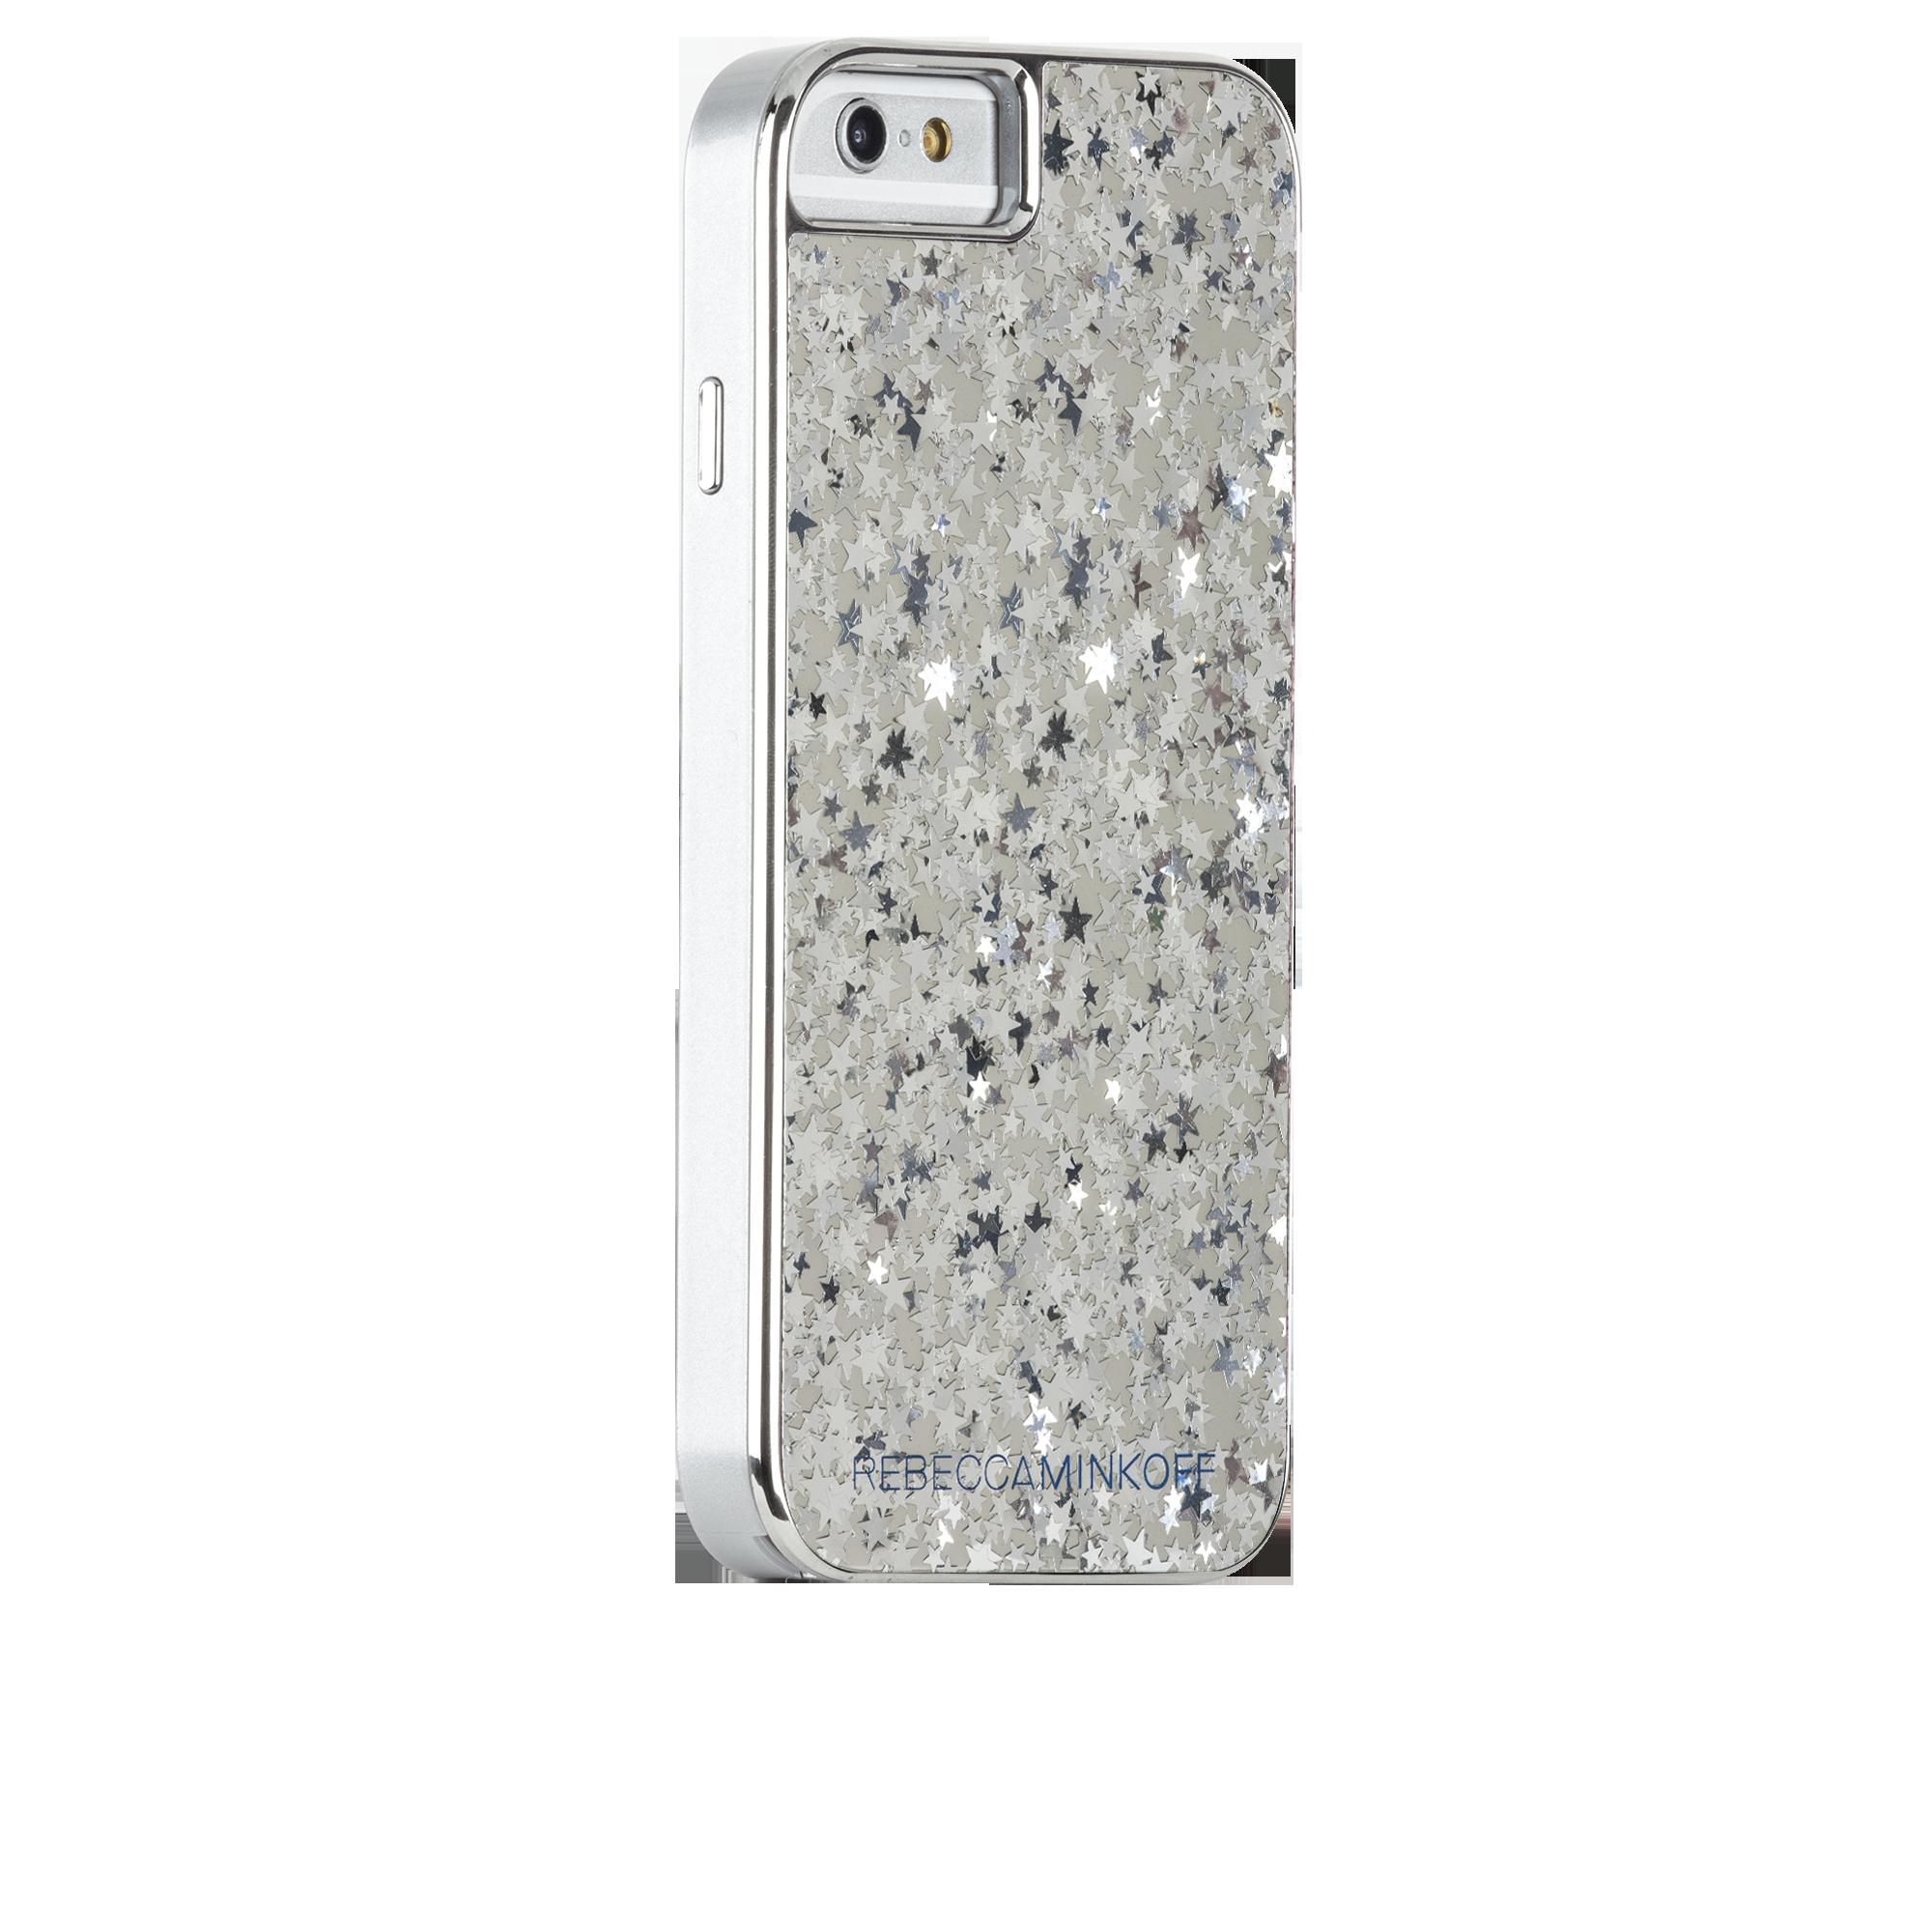 Rebecca Minkoff Glitter Case - Silver Stars